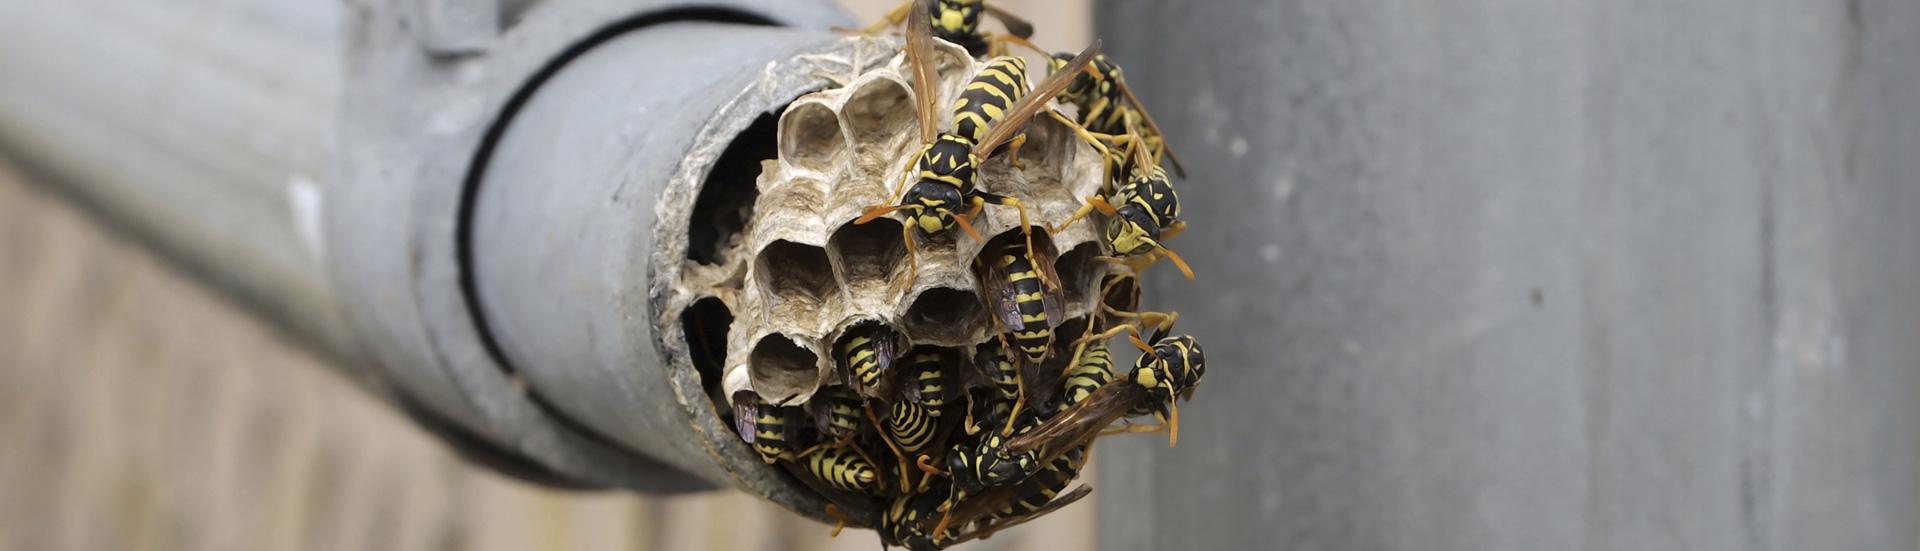 mge_slide-abeilles